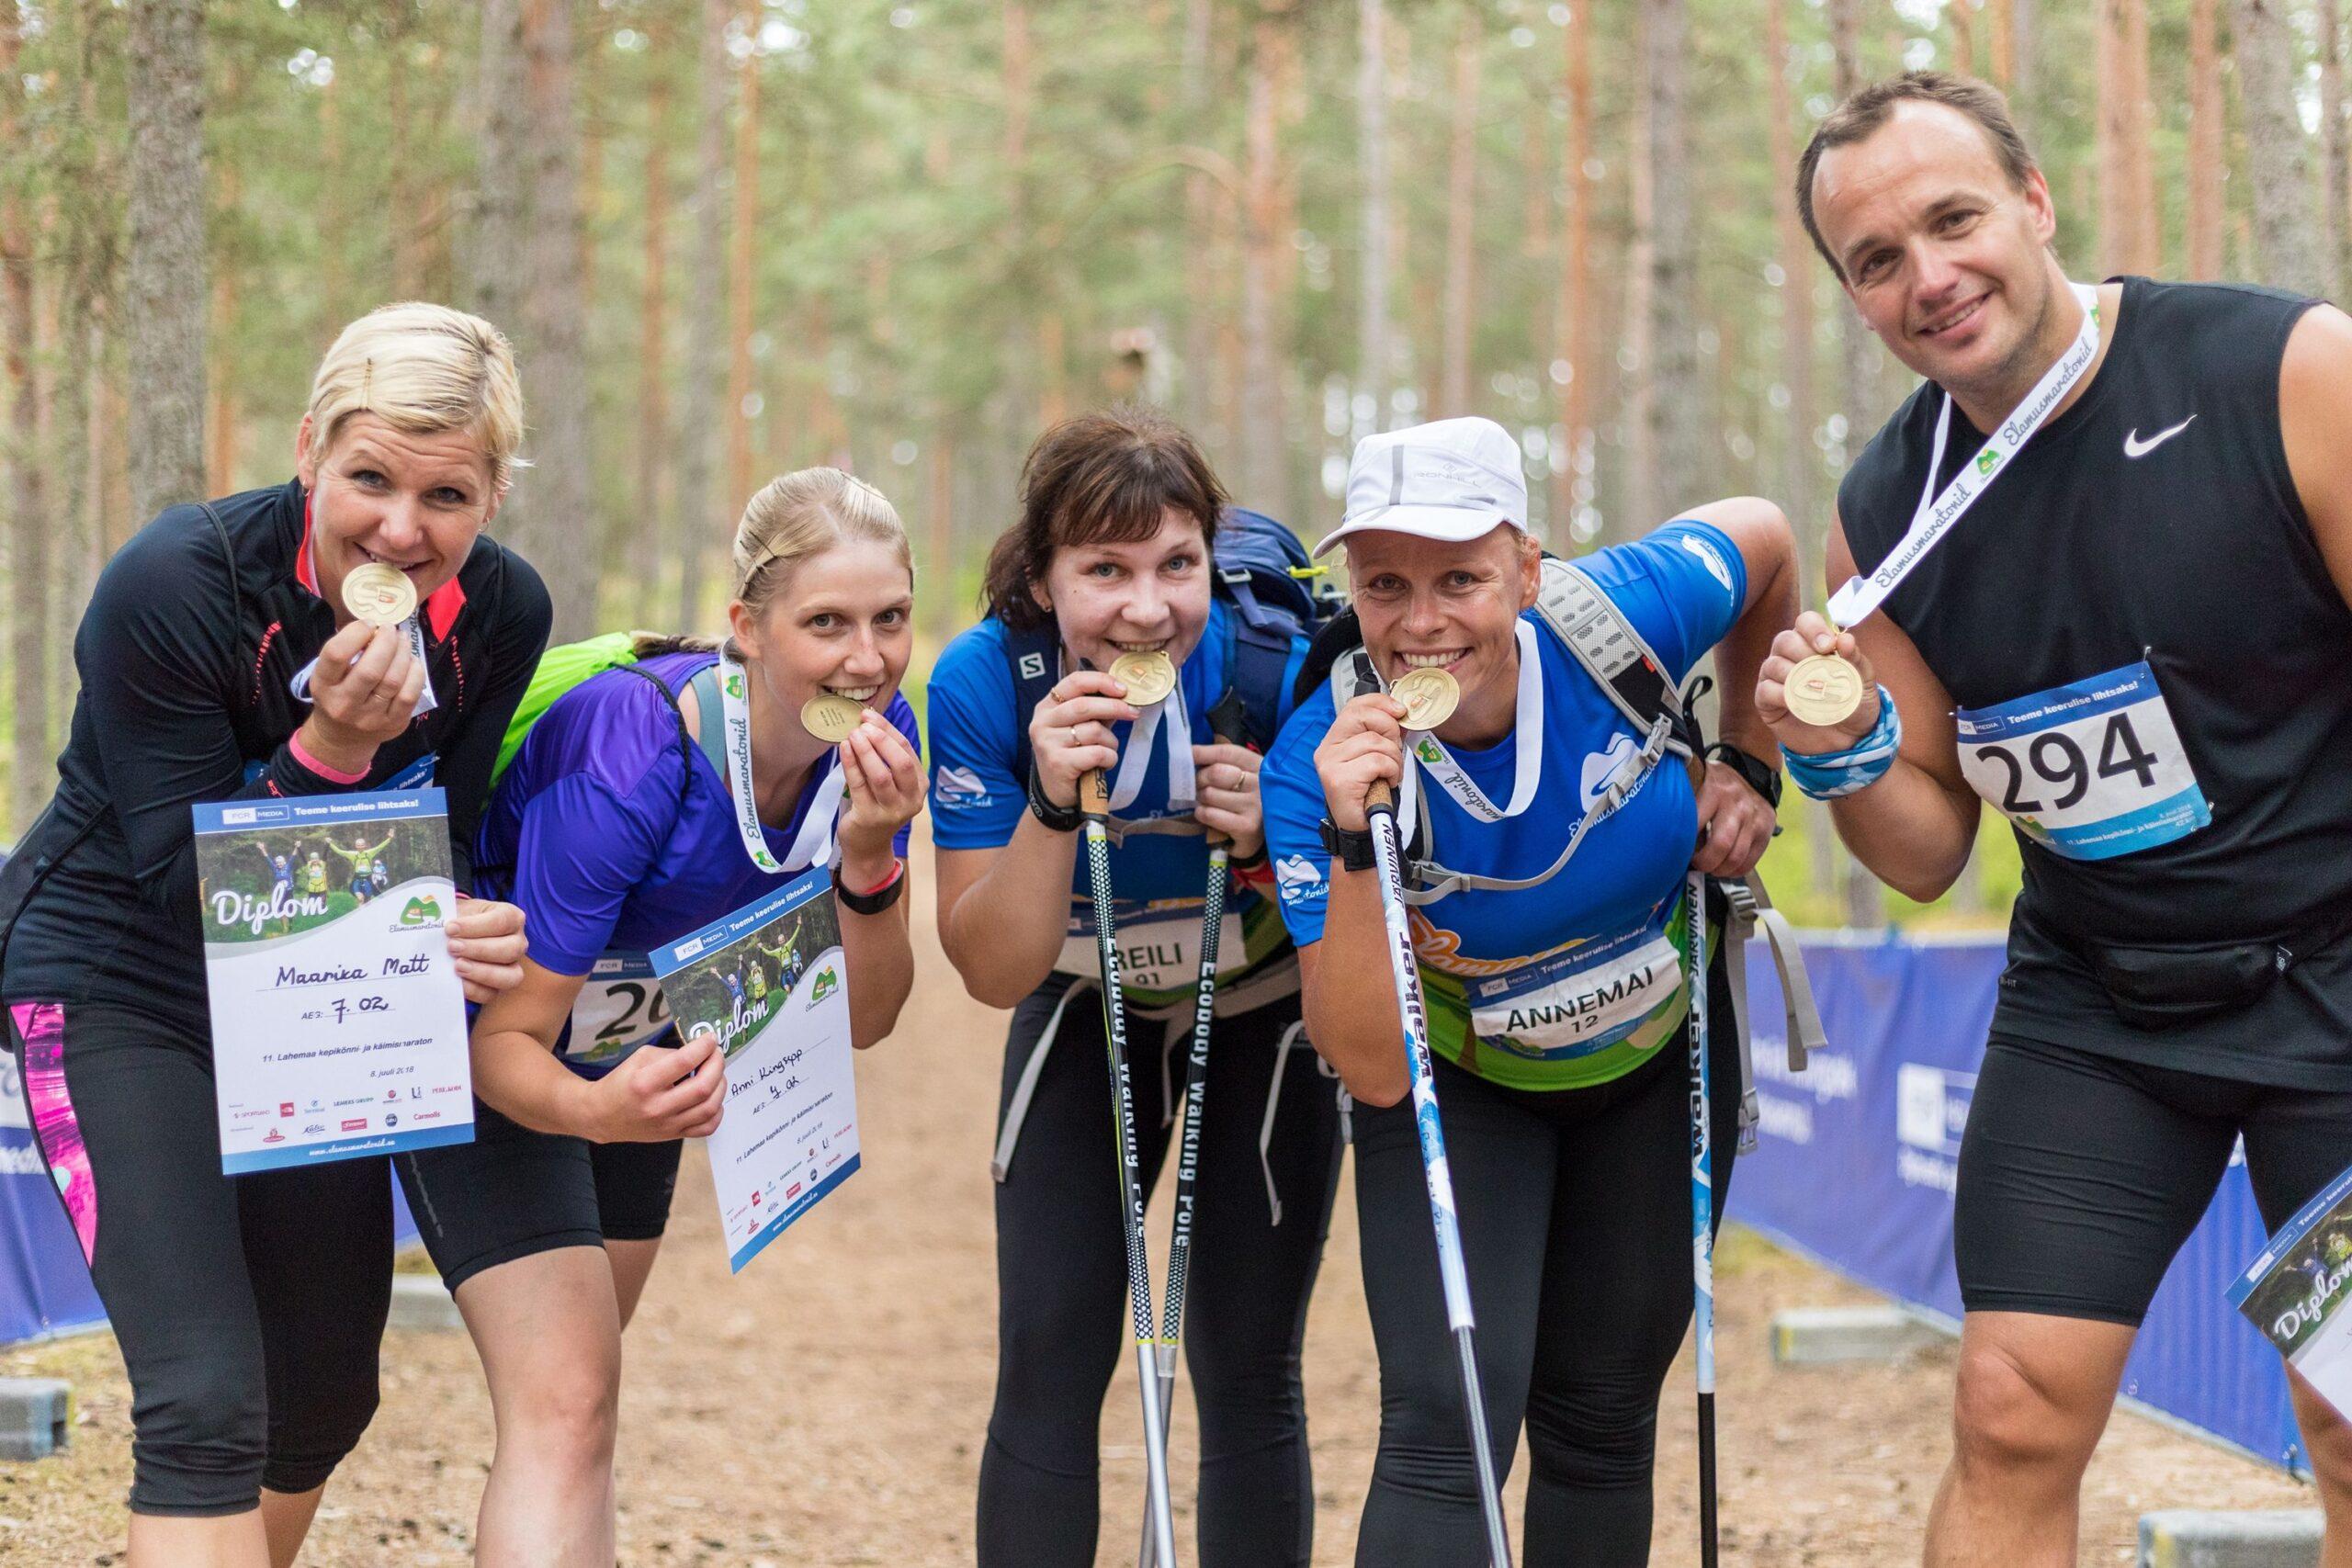 Eesti vanim käimismaraton toimub juba 13. korda Lahemaal